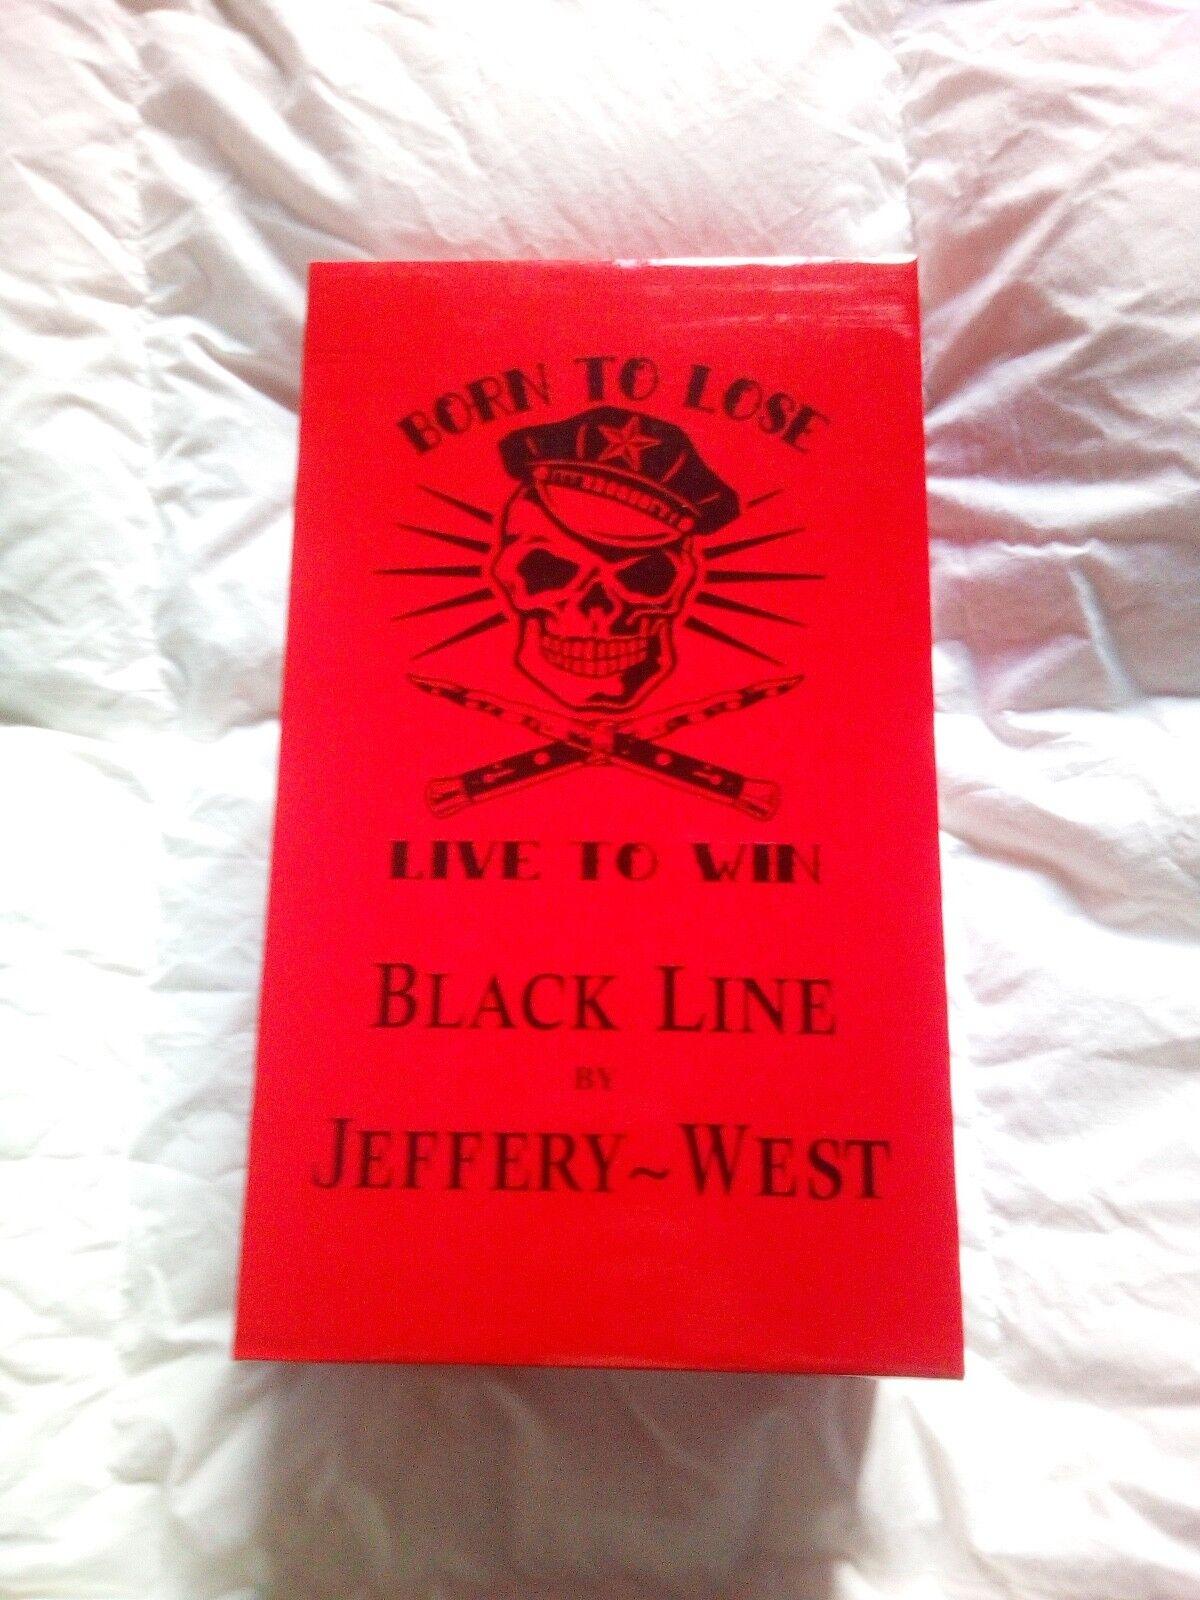 schuhe Classiche herren Jeffery Nera West Pelle Nera Jeffery Größe 41 8c5025